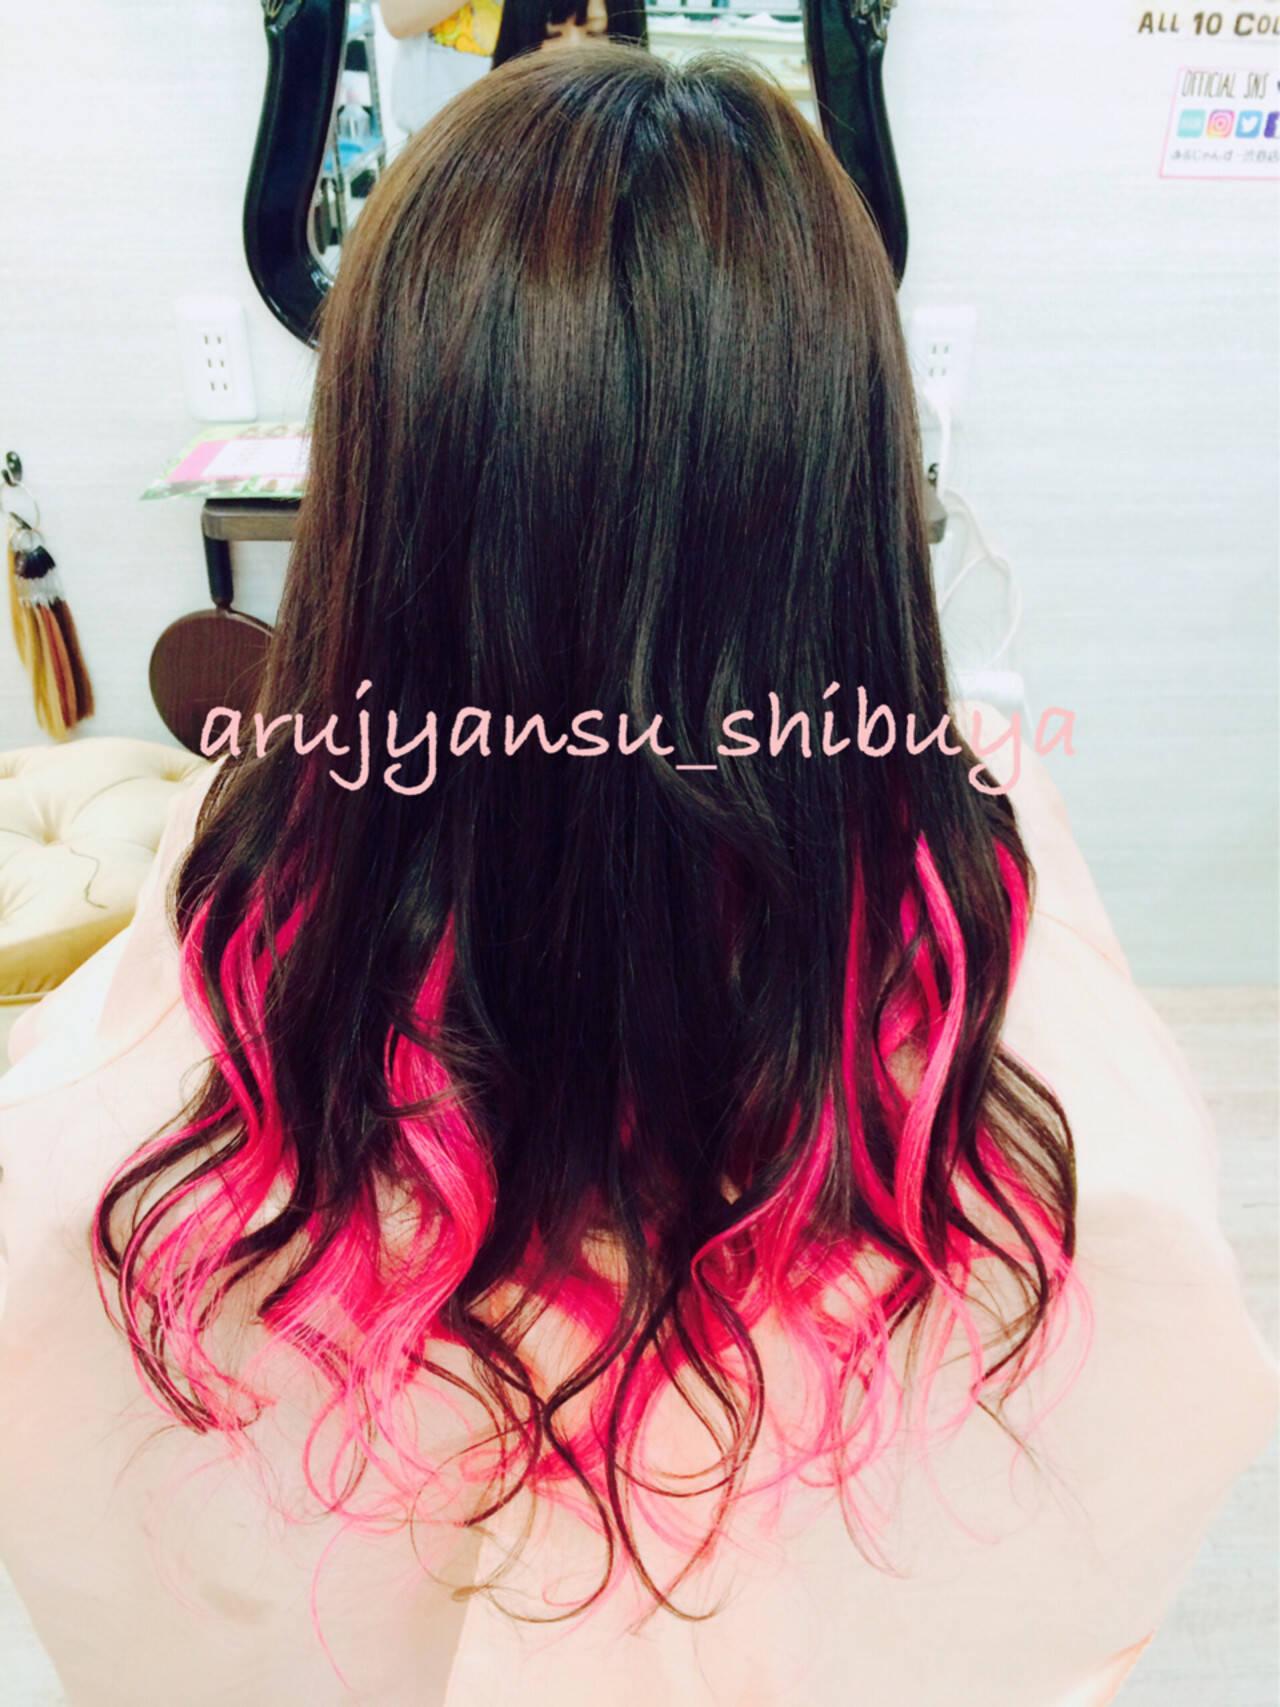 レッド ガーリー ピンク エクステヘアスタイルや髪型の写真・画像